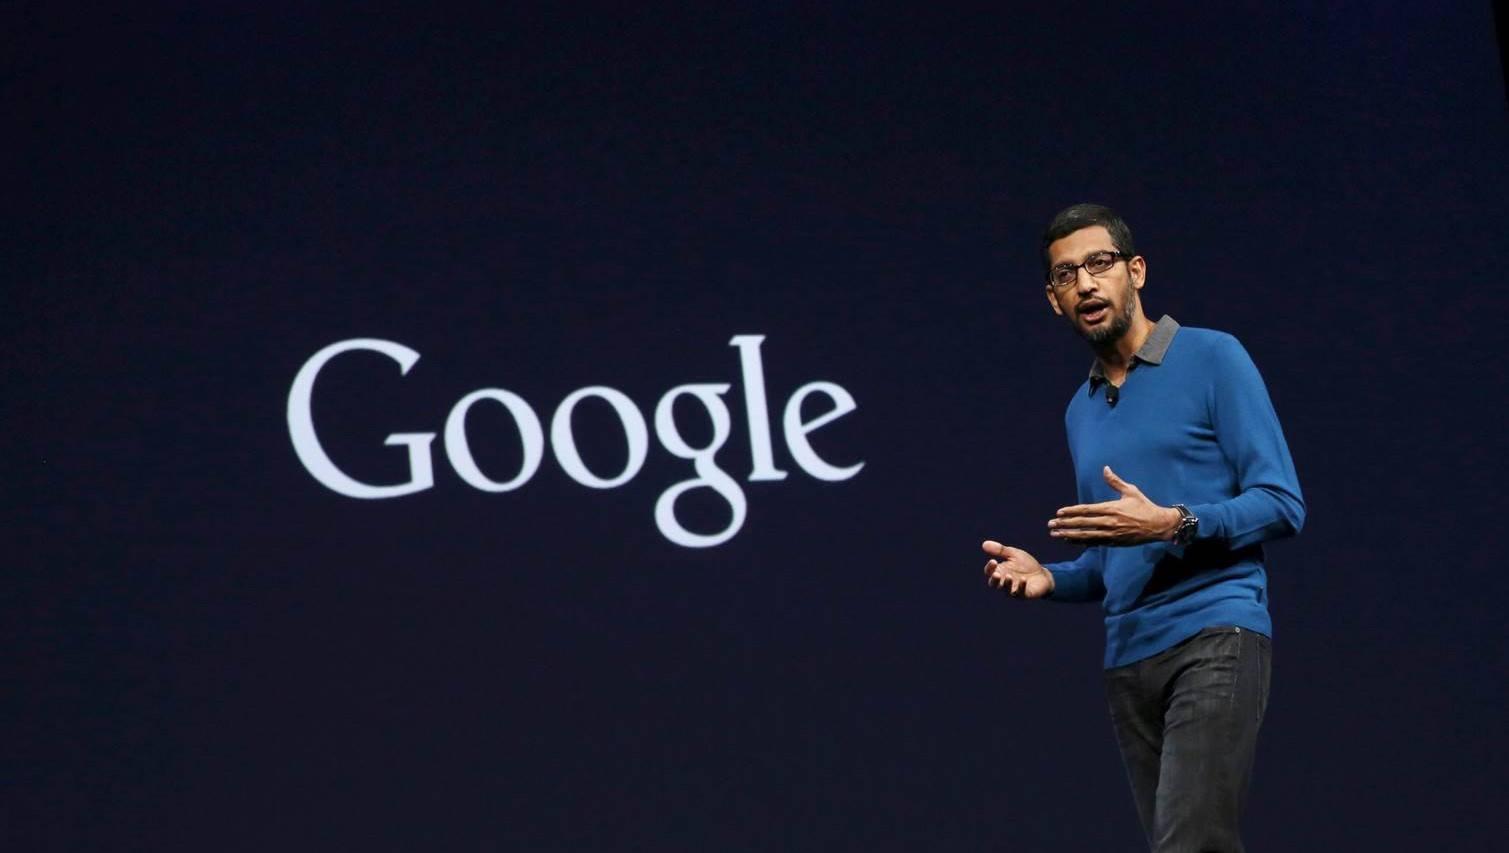 谷歌 CEO 公布 AI 七原则 但继续与美国军方合作